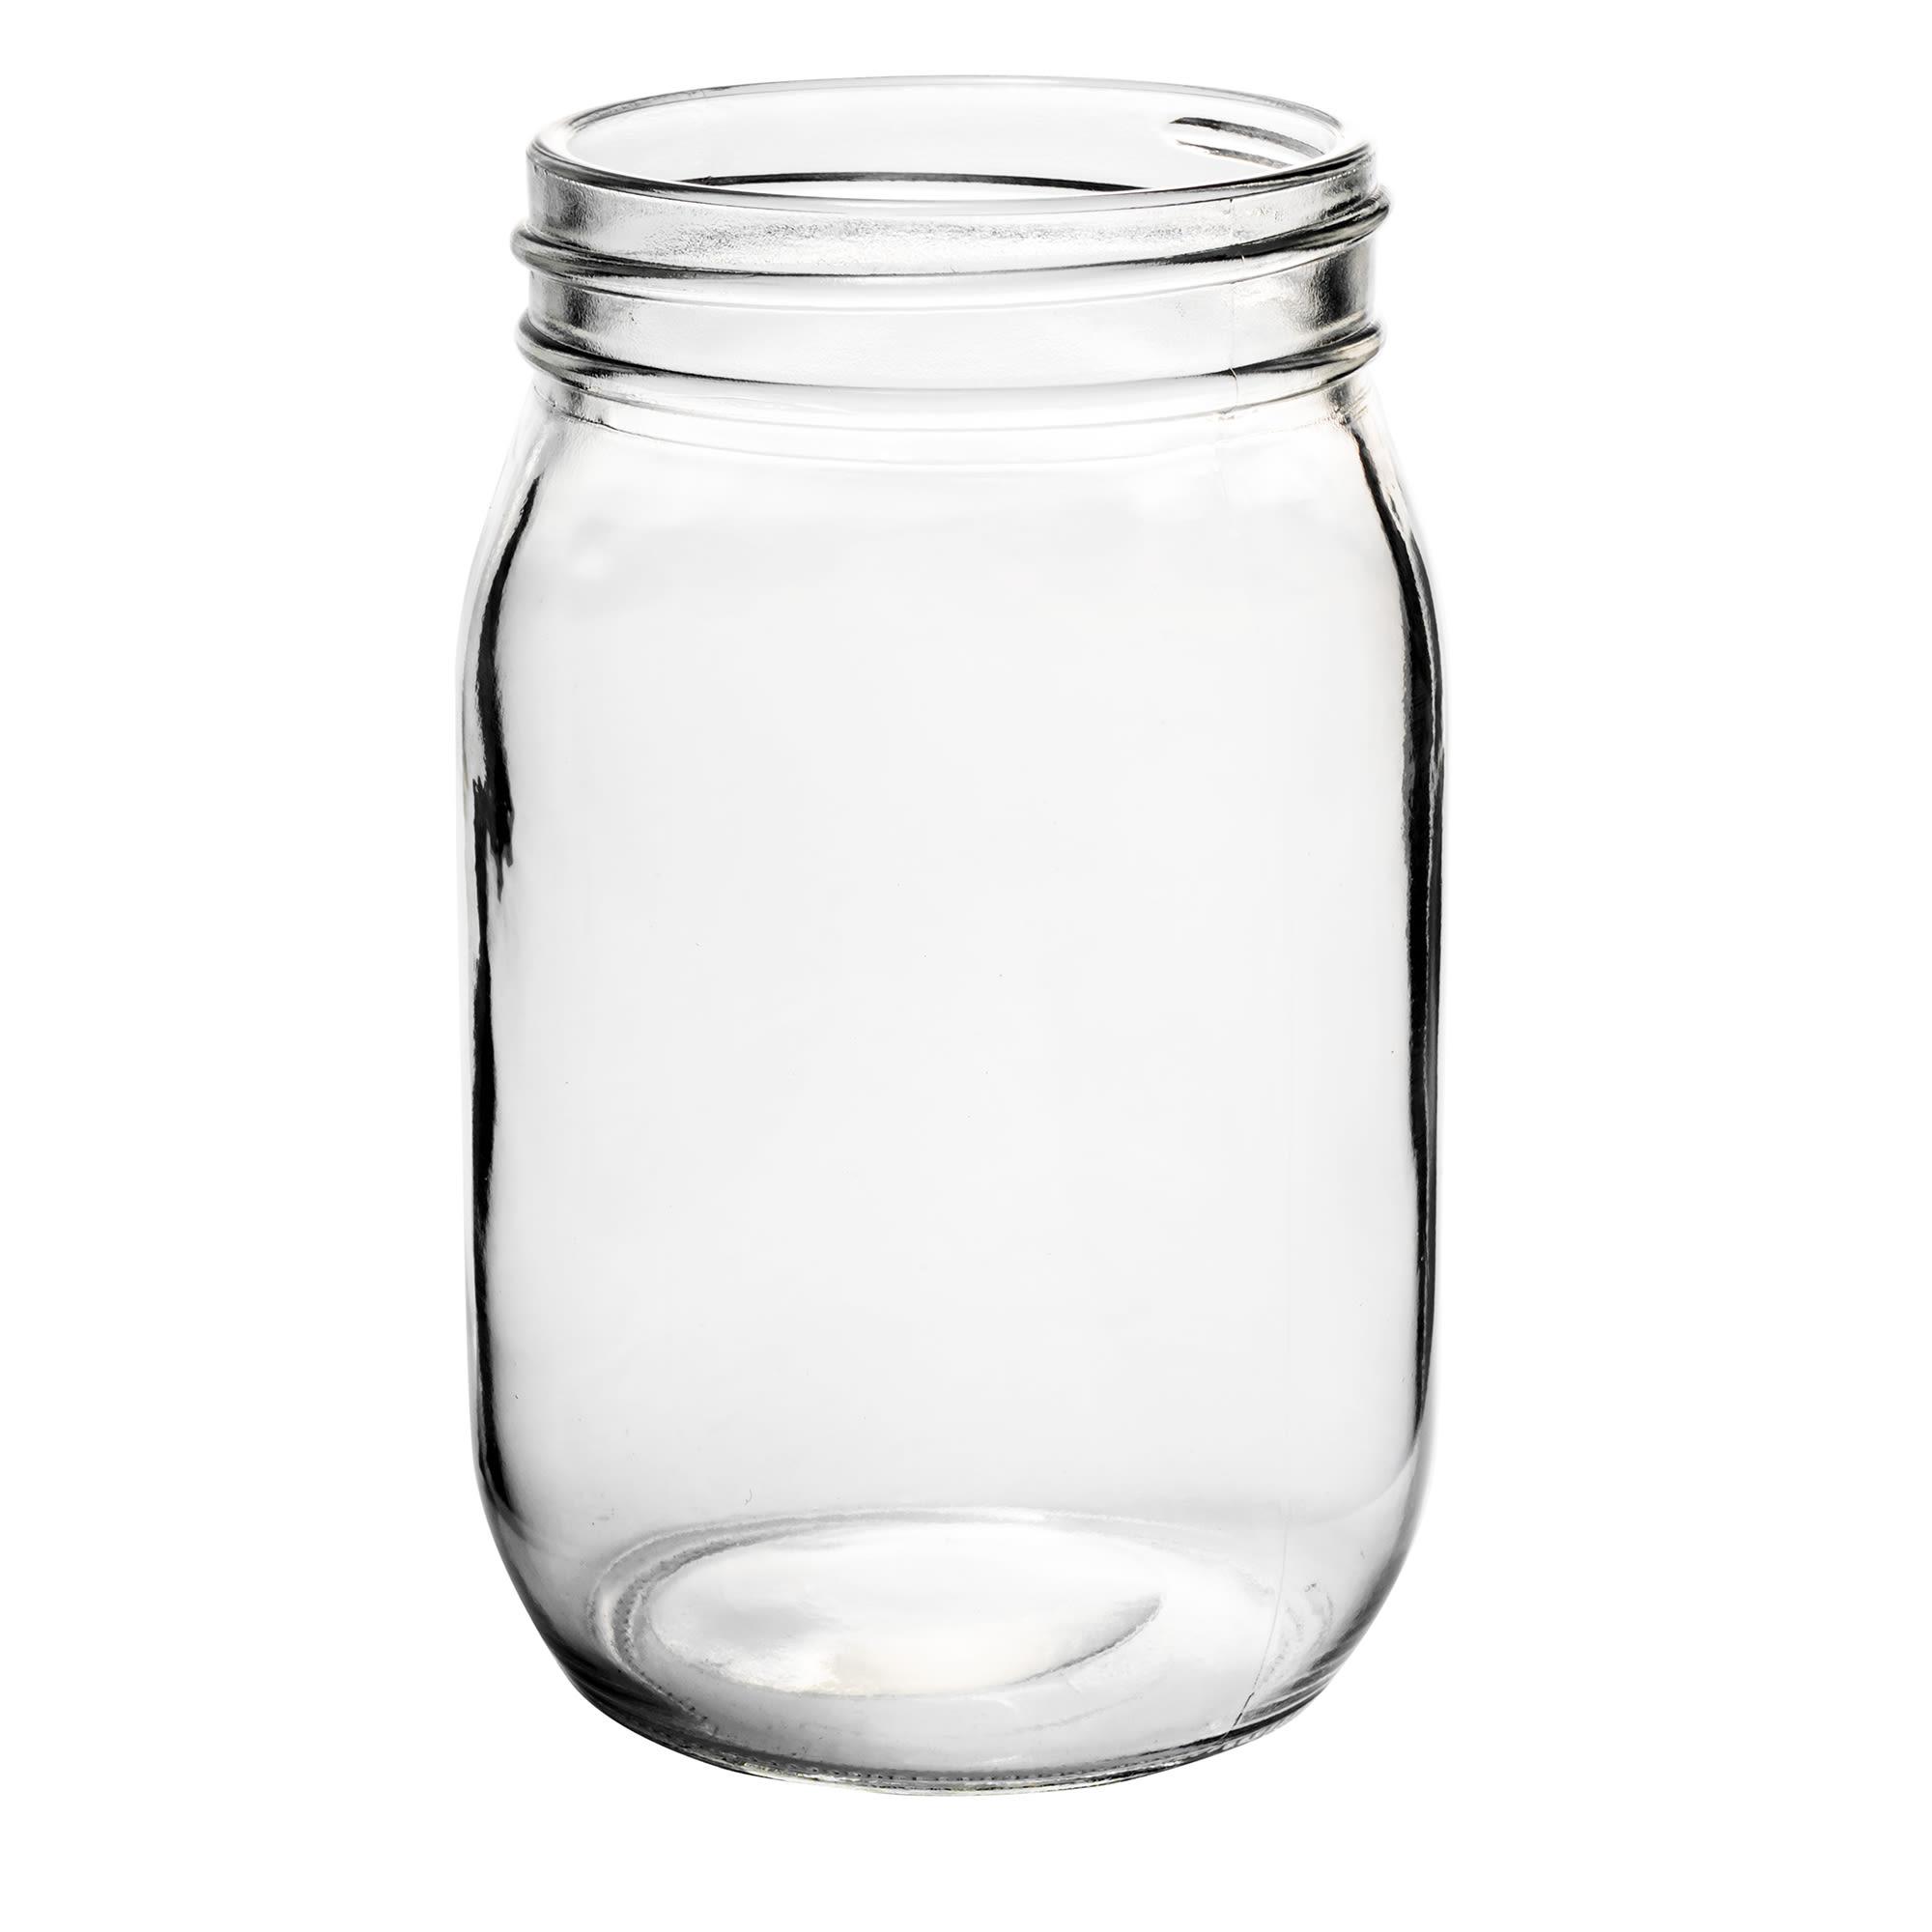 Libbey 92103 16 oz Drinking Jar